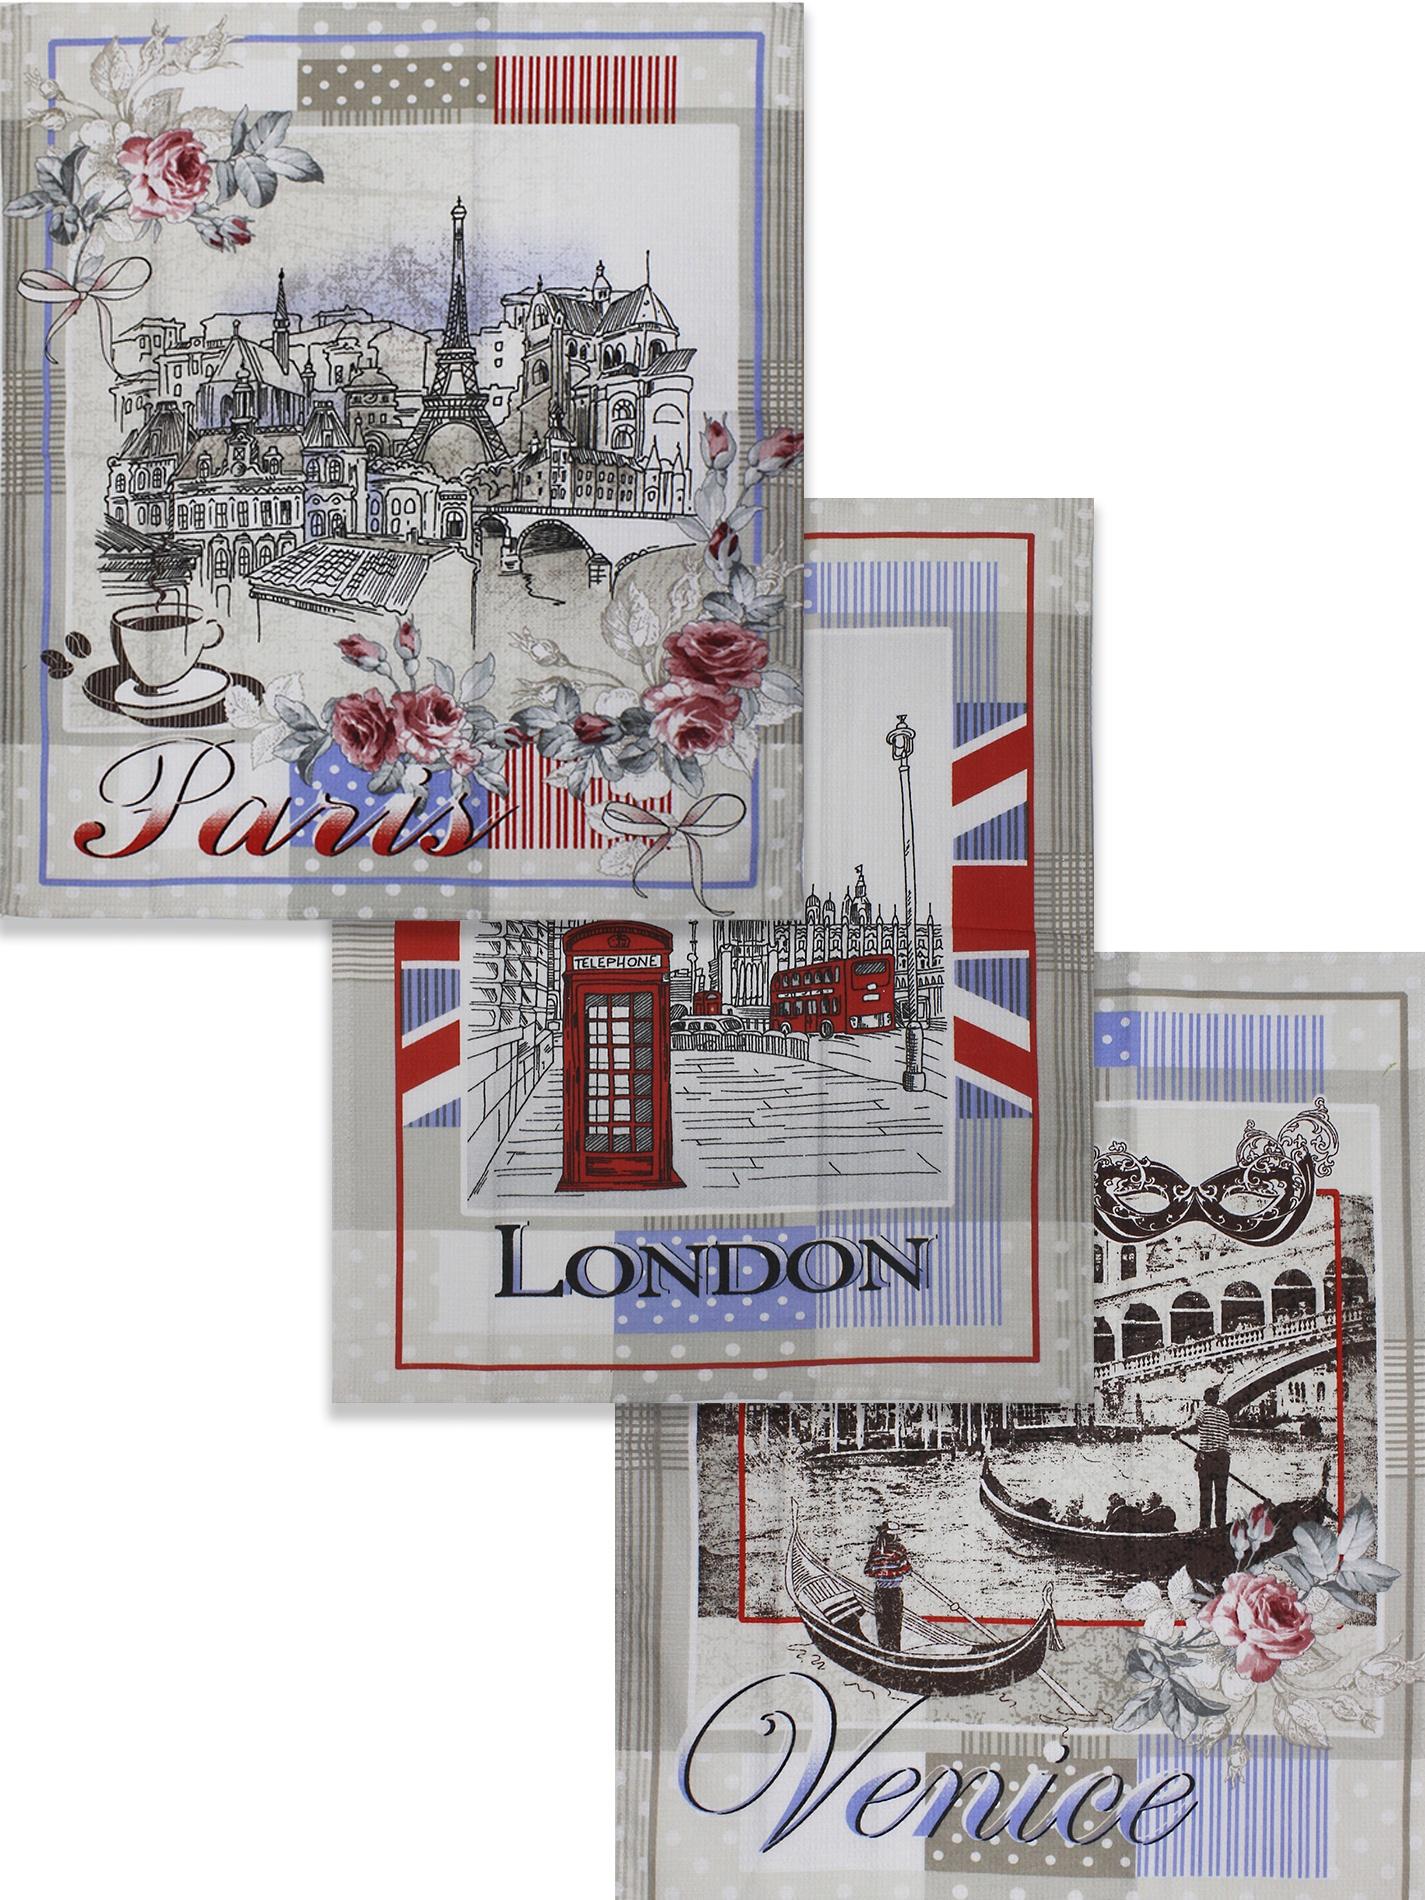 Набор кухонных полотенец Touch Gold Touch Вокруг Света, Хлопок003_3штВ набор входят 3 вафельных полотенеца с изображением городов мира (Париж, Лондон, Венеция) под одной этикеткой.